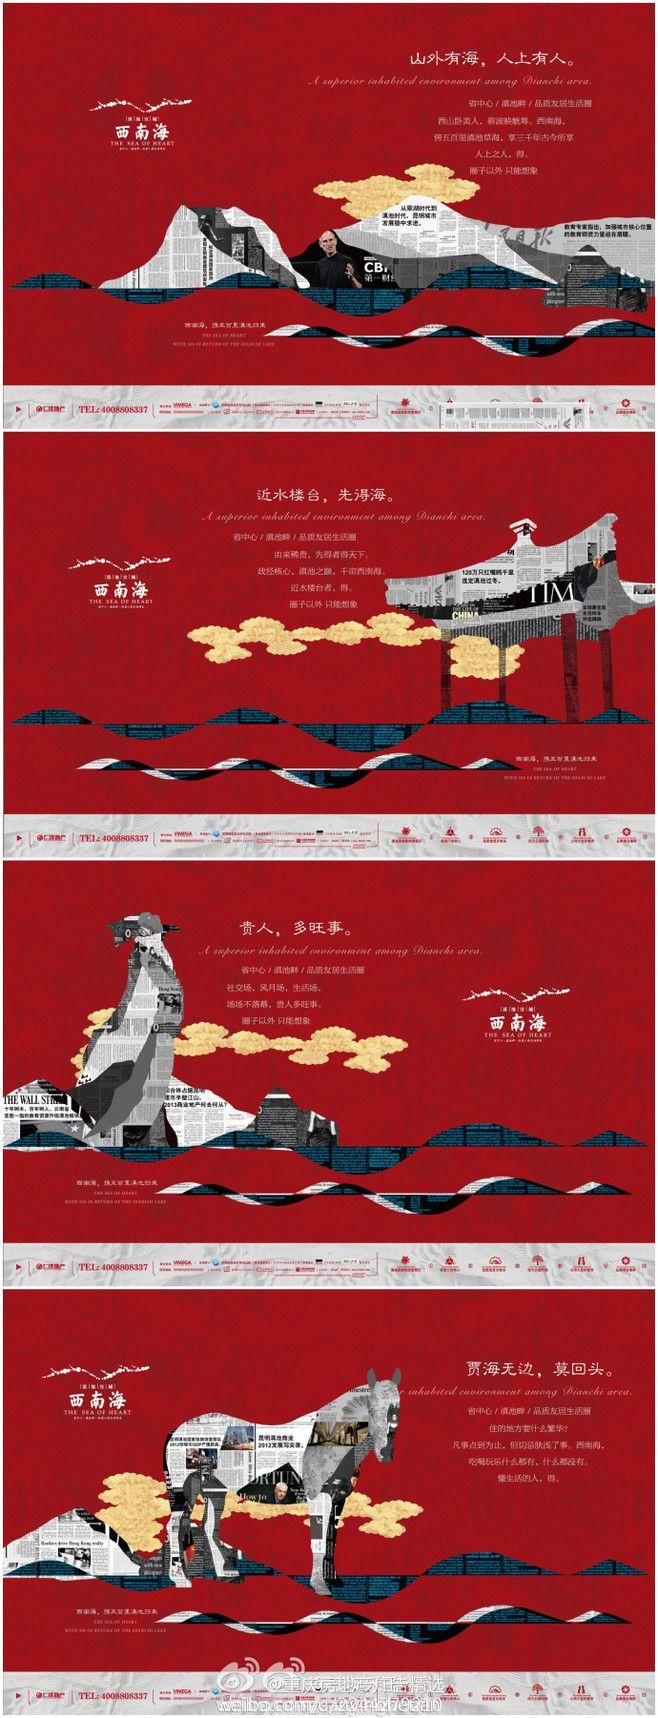 重庆房地产广告